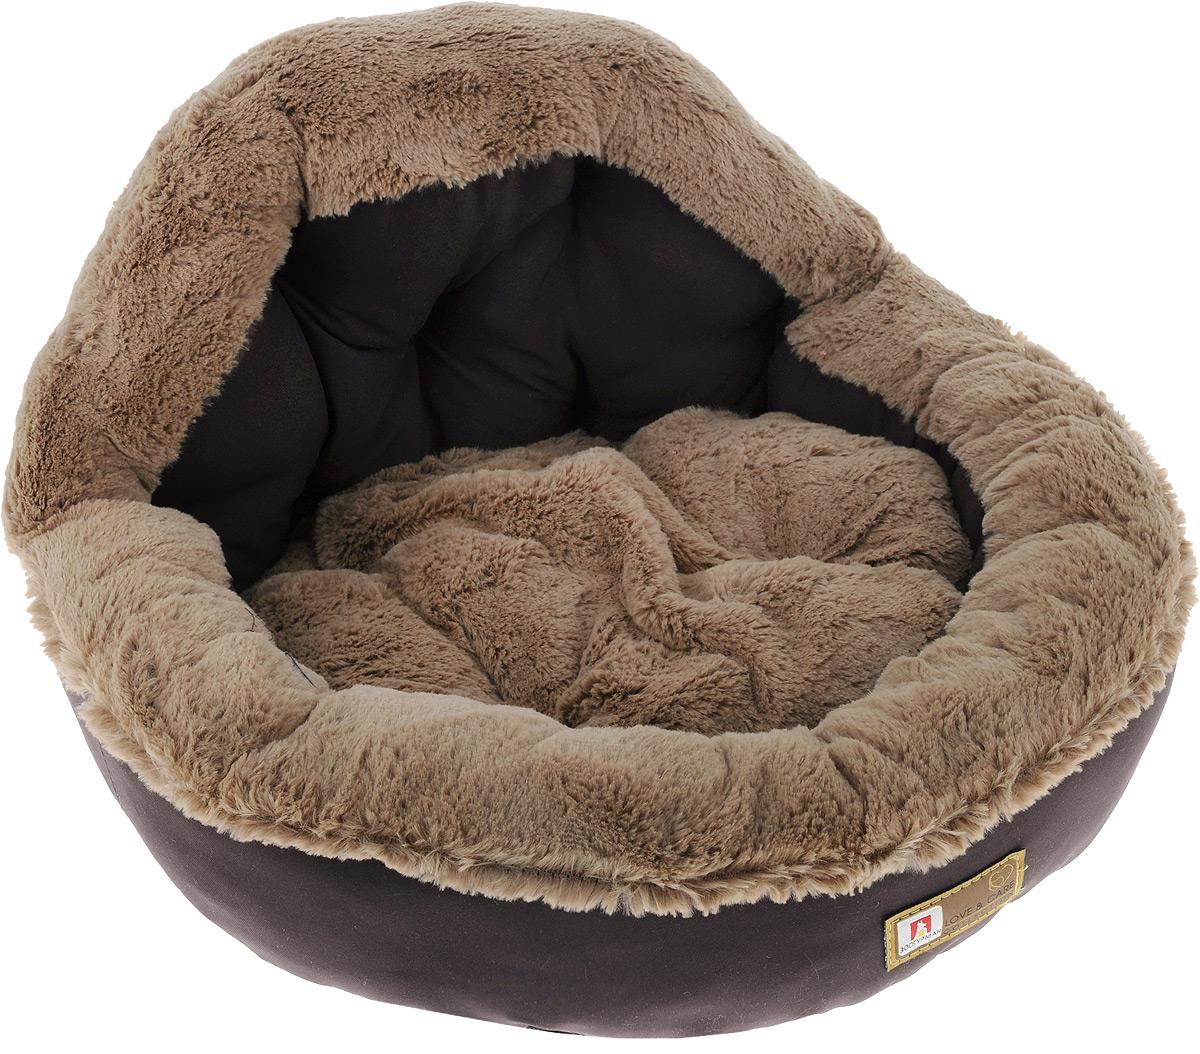 Лежак для собак и кошек Зоогурман Президент, цвет: шоколадный, 45 х 45 х 20 см2199Мягкий и уютный лежак для кошек и собак Зоогурман Президент обязательно понравится вашему питомцу. Лежак выполнен из нежного, приятного материала. Внутри - мягкий наполнитель, который не теряет своей формы долгое время. Внутри лежака съемная меховая подушка. Мягкий, приятный и теплый лежак обеспечит вашему любимцу уют и комфорт. Подходит как для кошек, так и для собак. За изделием легко ухаживать, можно стирать вручную или в стиральной машине при температуре 40°С. Материал бортиков: микроволоконная шерстяная ткань. Материал спинки и матрасика: искусственный мех. Наполнитель: гипоаллергенное синтетическое волокно.